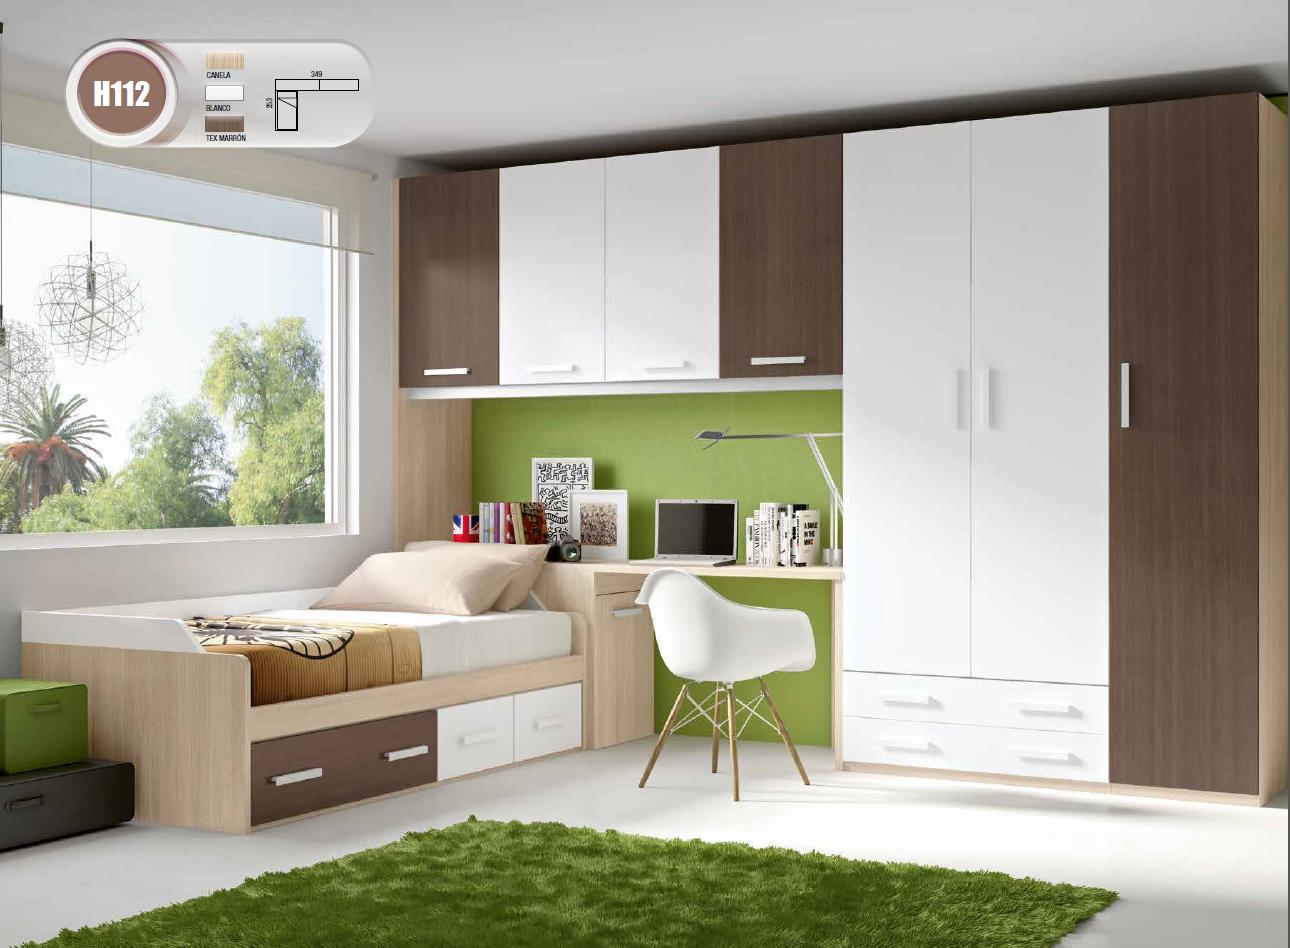 Dormitorios juveniles b sic de glicerio chaves mobles - Dormitorios juveniles pequenos ...